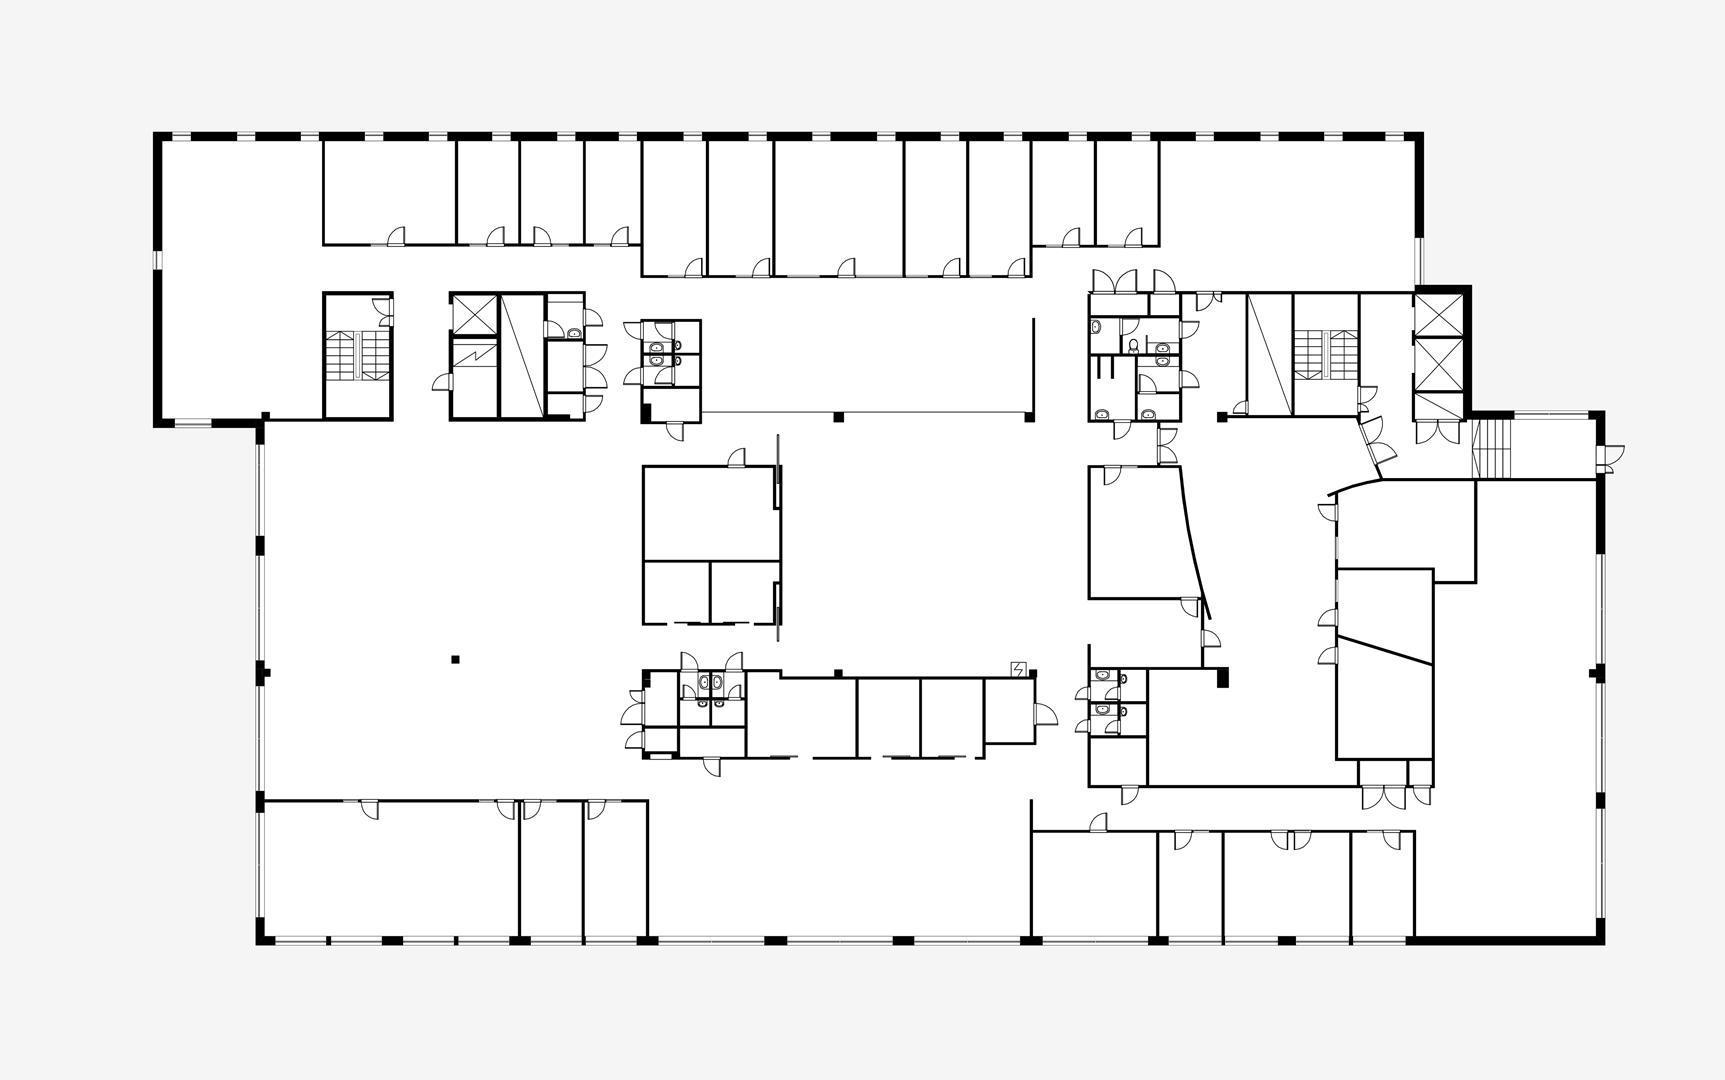 Pakkahuoneenaukio 2, TAMPERE, 4107m2, Useita kerroksia, Toimistotila